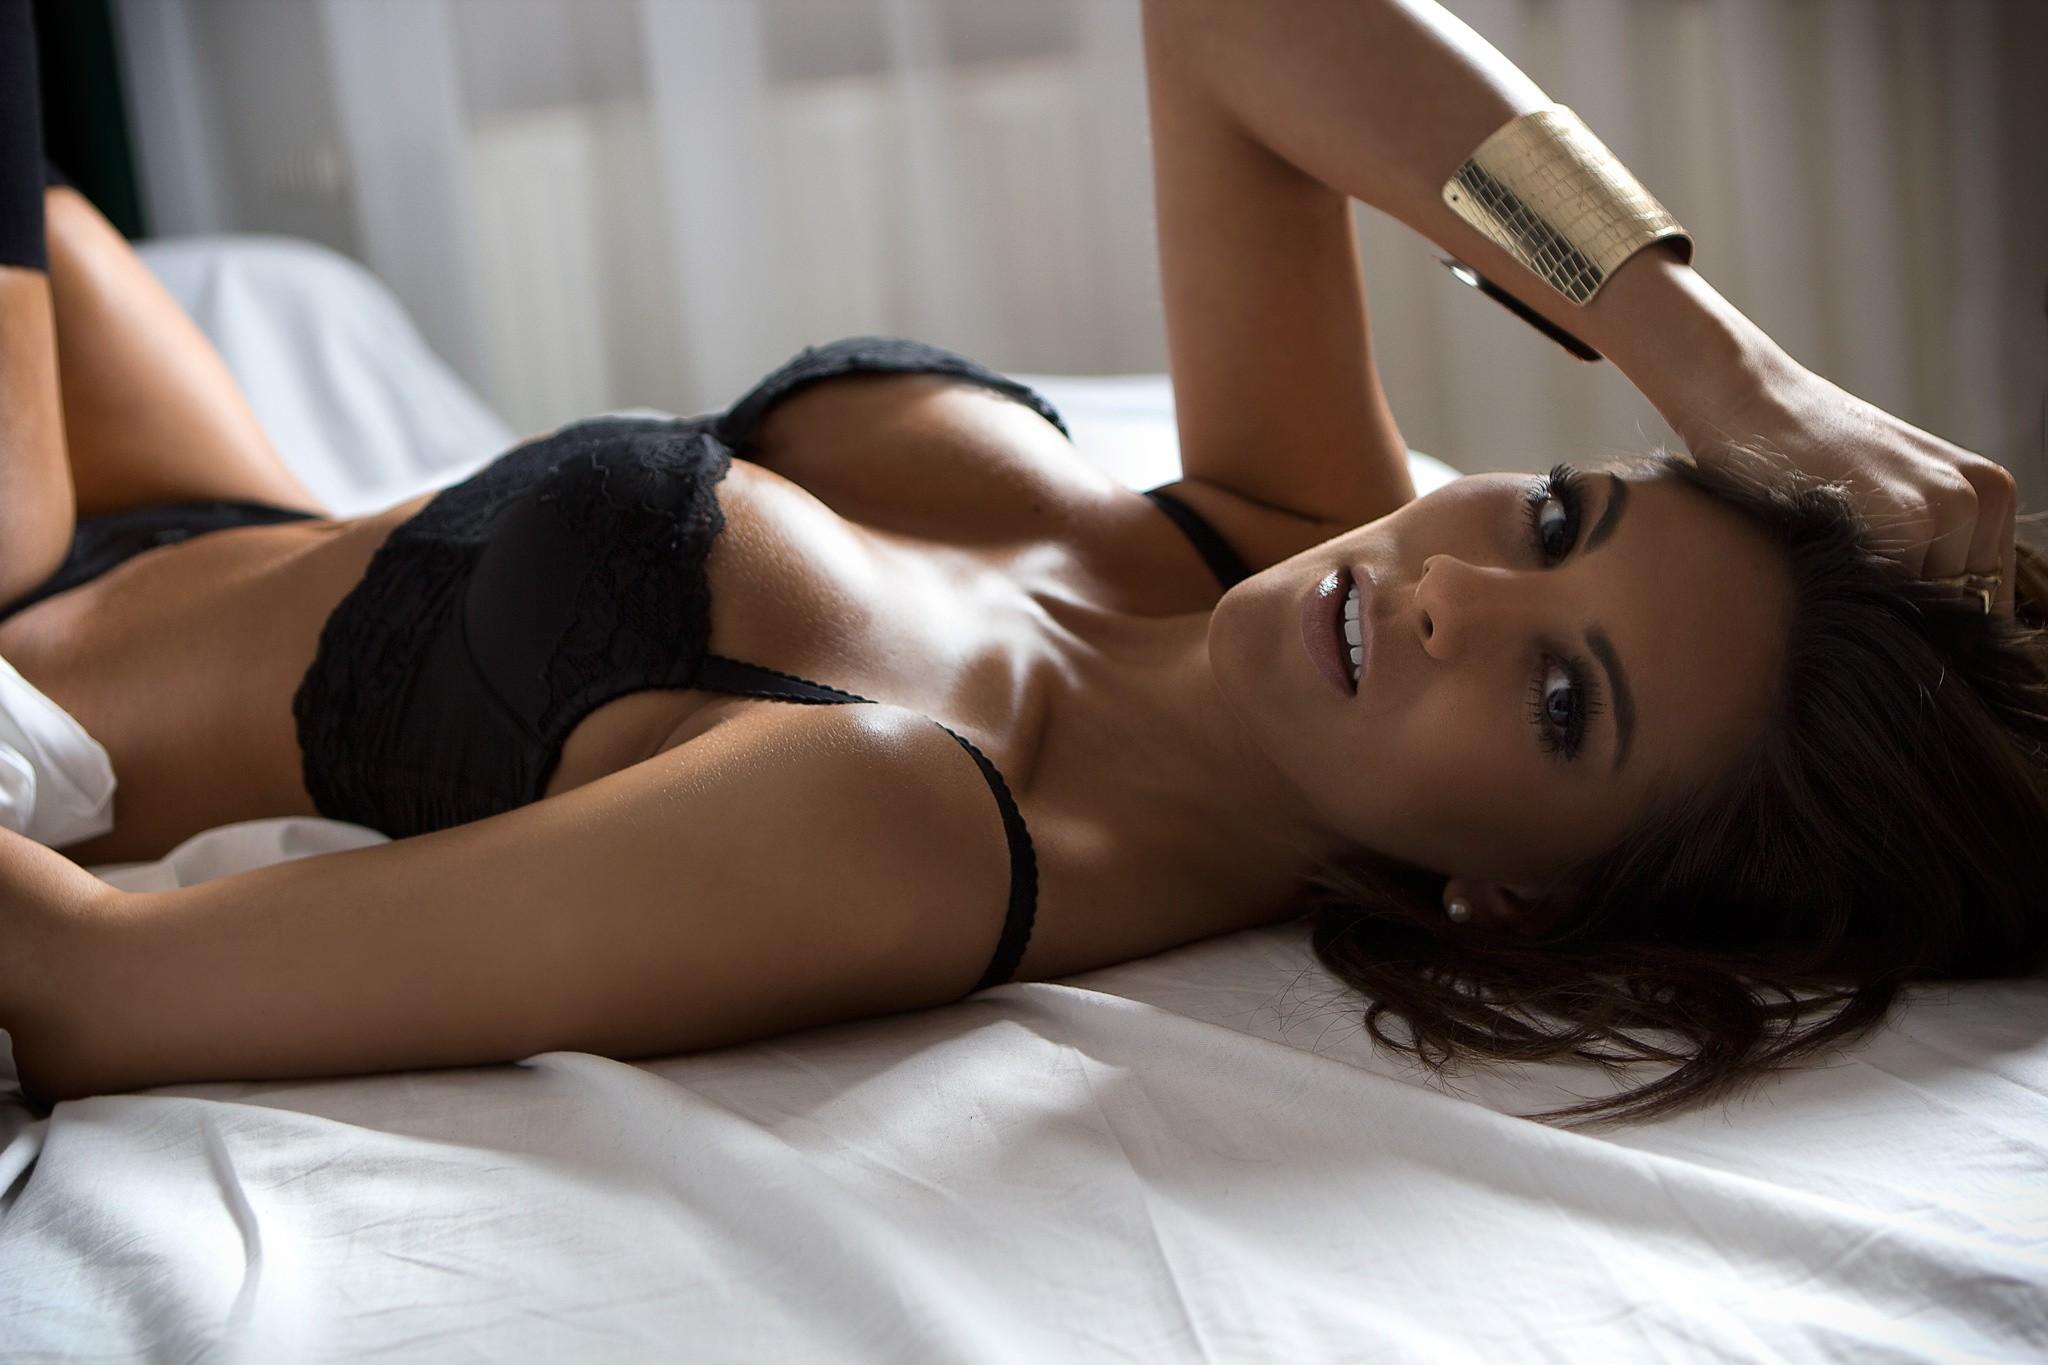 Фото женского нижнего белья в постели, красивые русские мамки порно смотреть